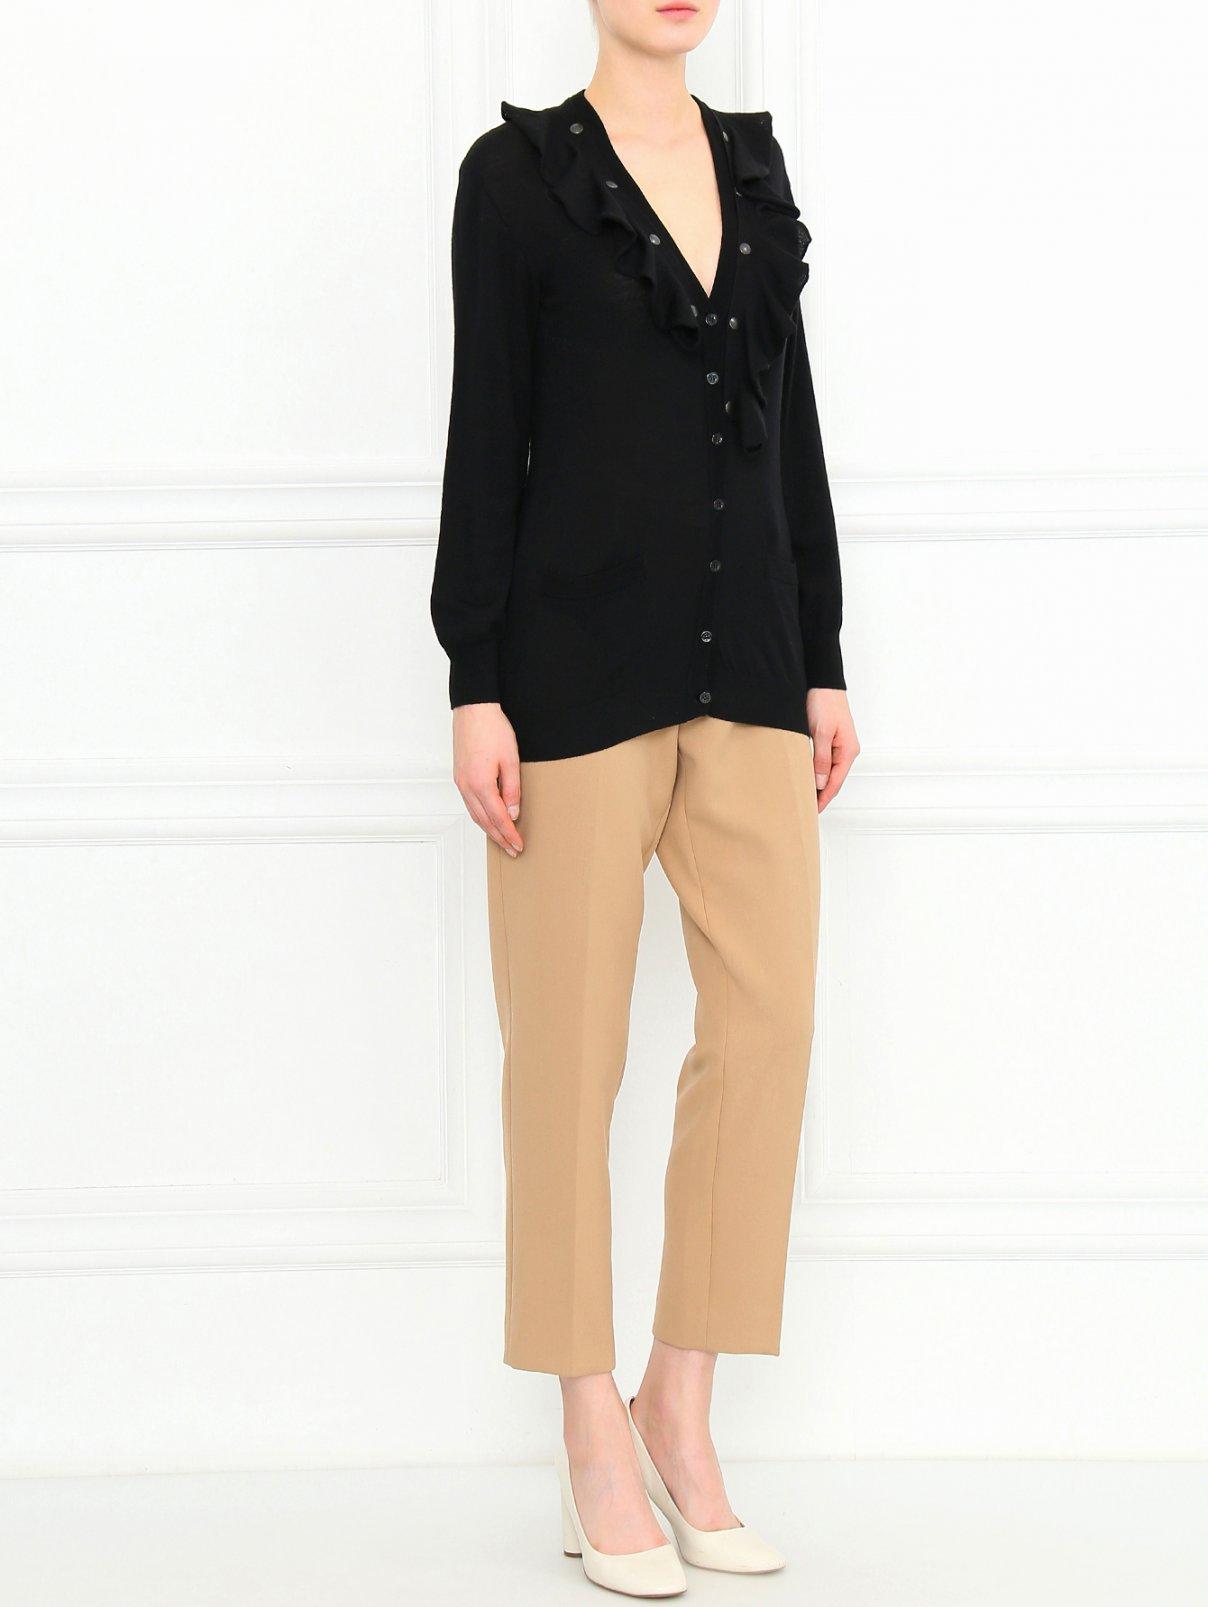 Кардиган из шерсти с отстегивающейся драпировкой Moschino Cheap&Chic  –  Модель Общий вид